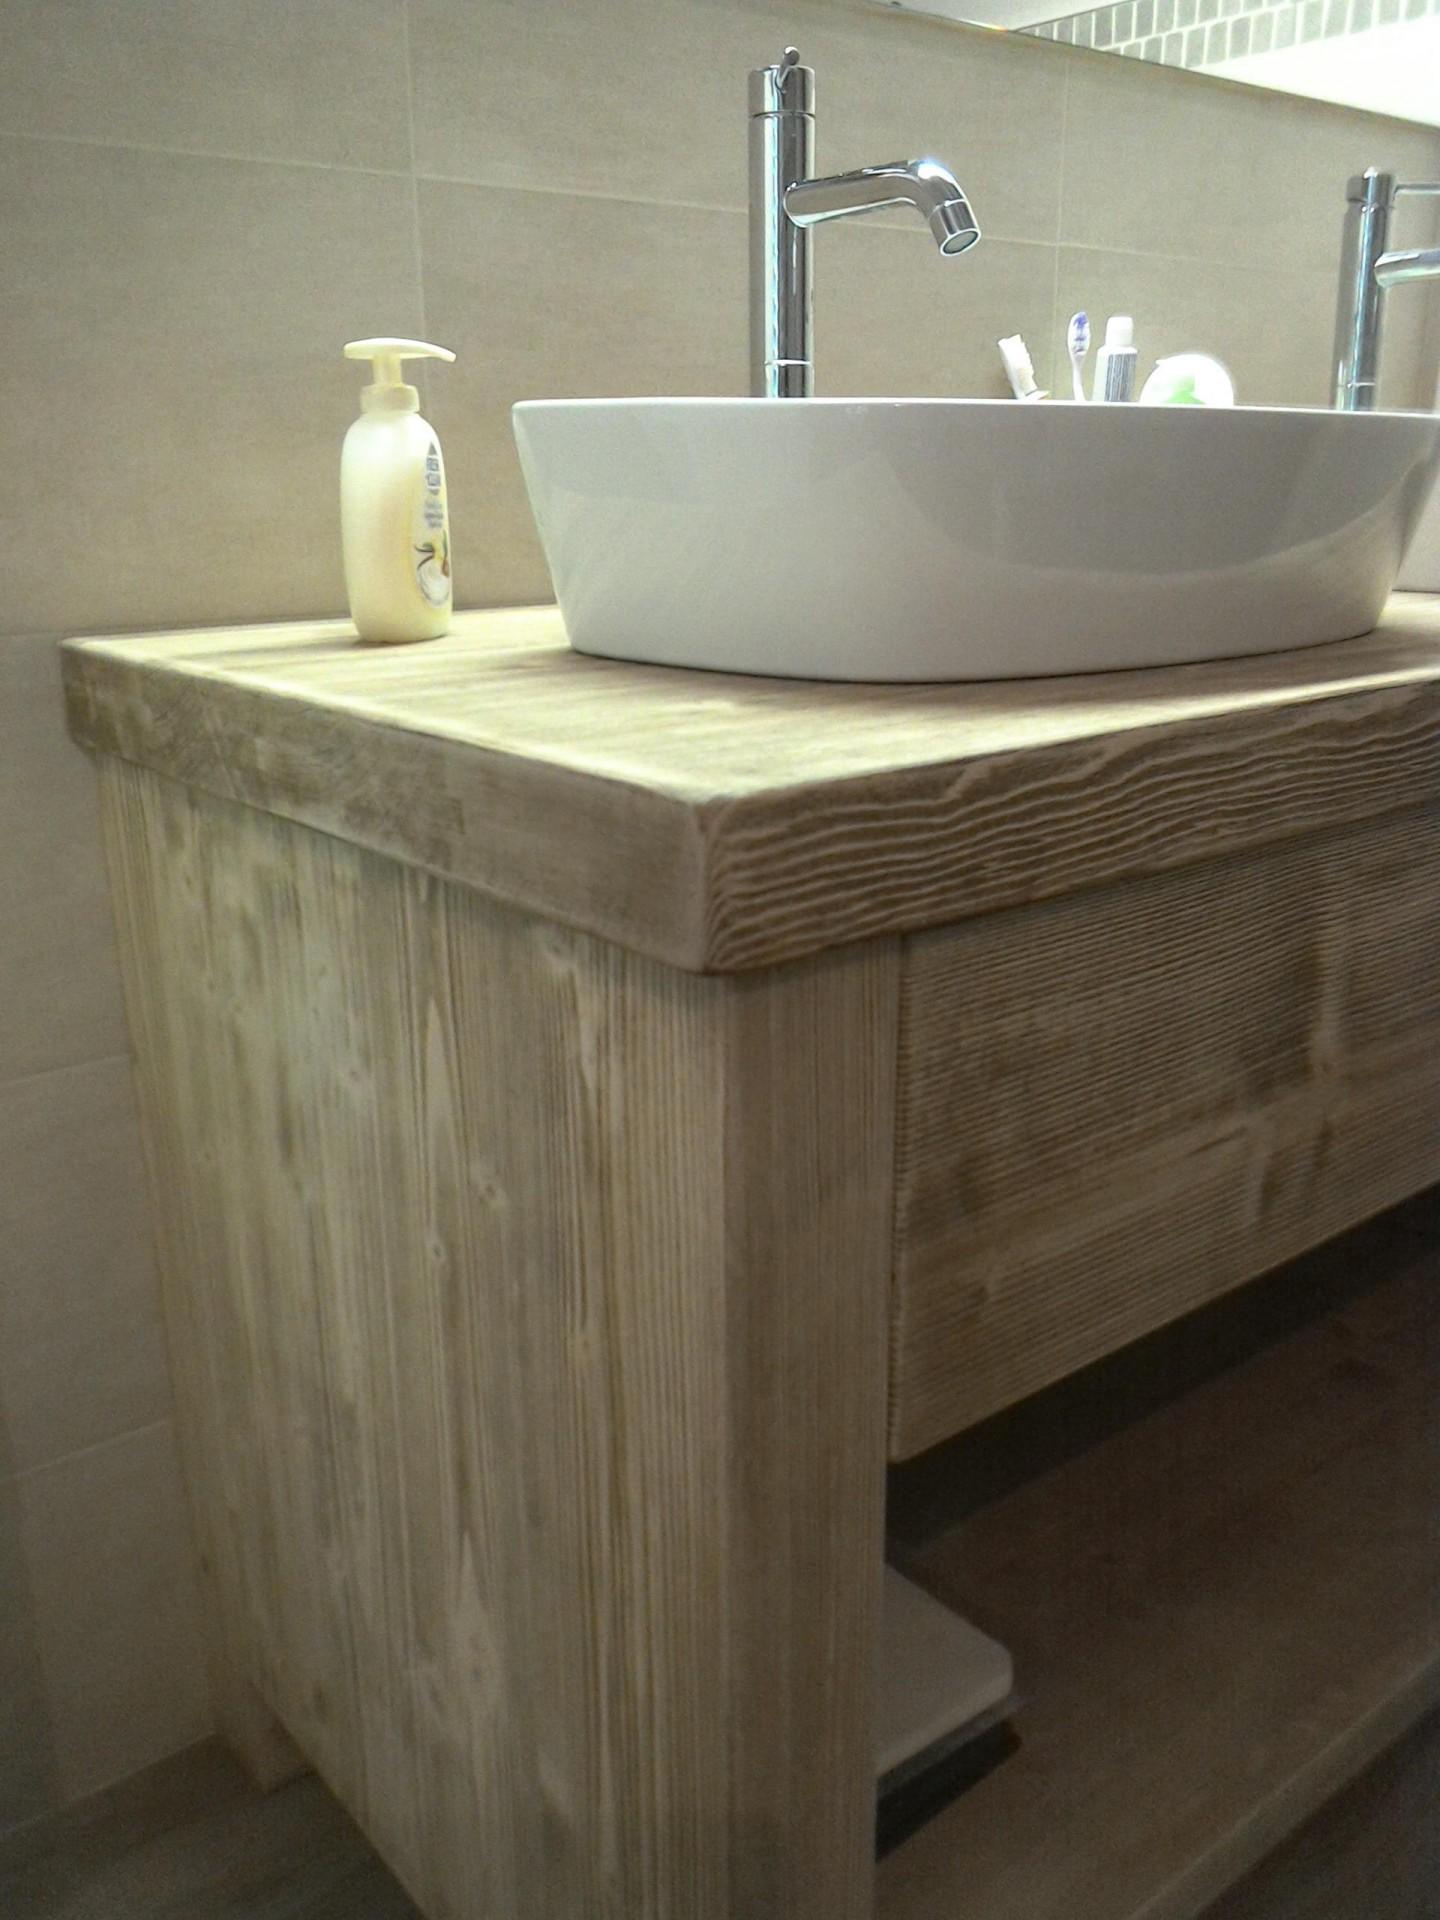 Mobile per il bagno in legno fadini mobili cerea verona - Prodotti per il bagno ...